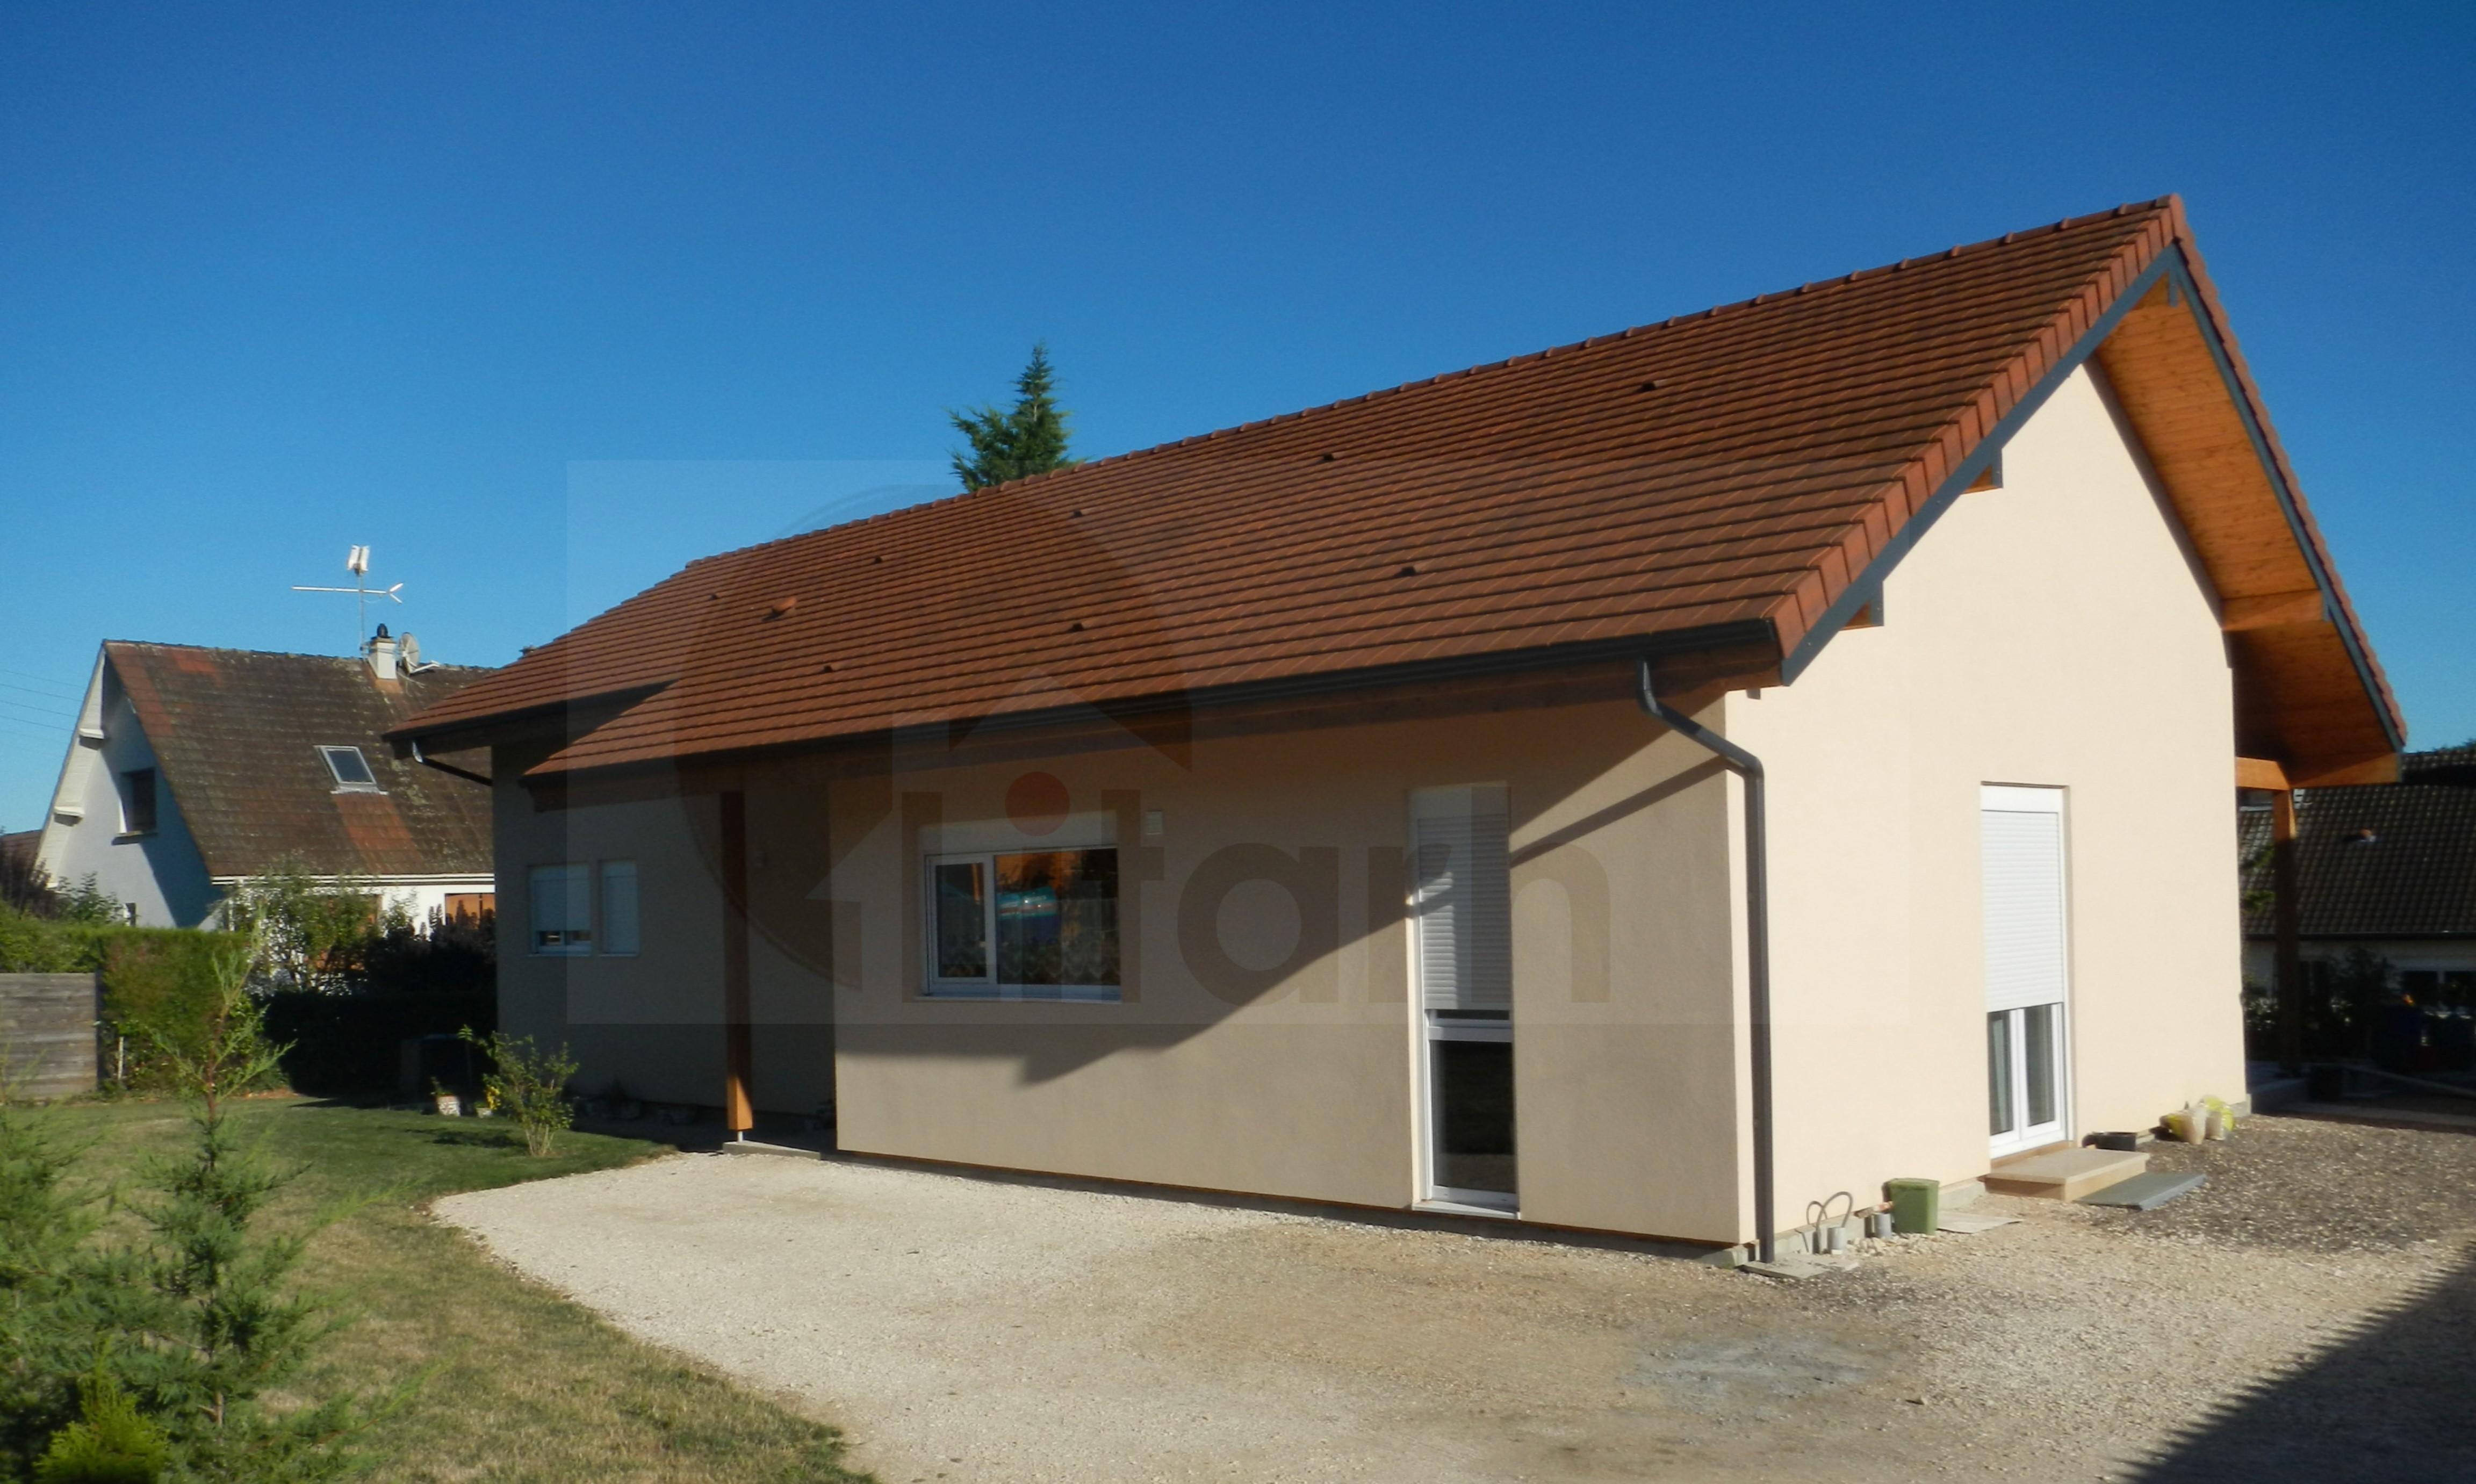 Constructeur maison bois roumanie for Constructeur maison bois 51